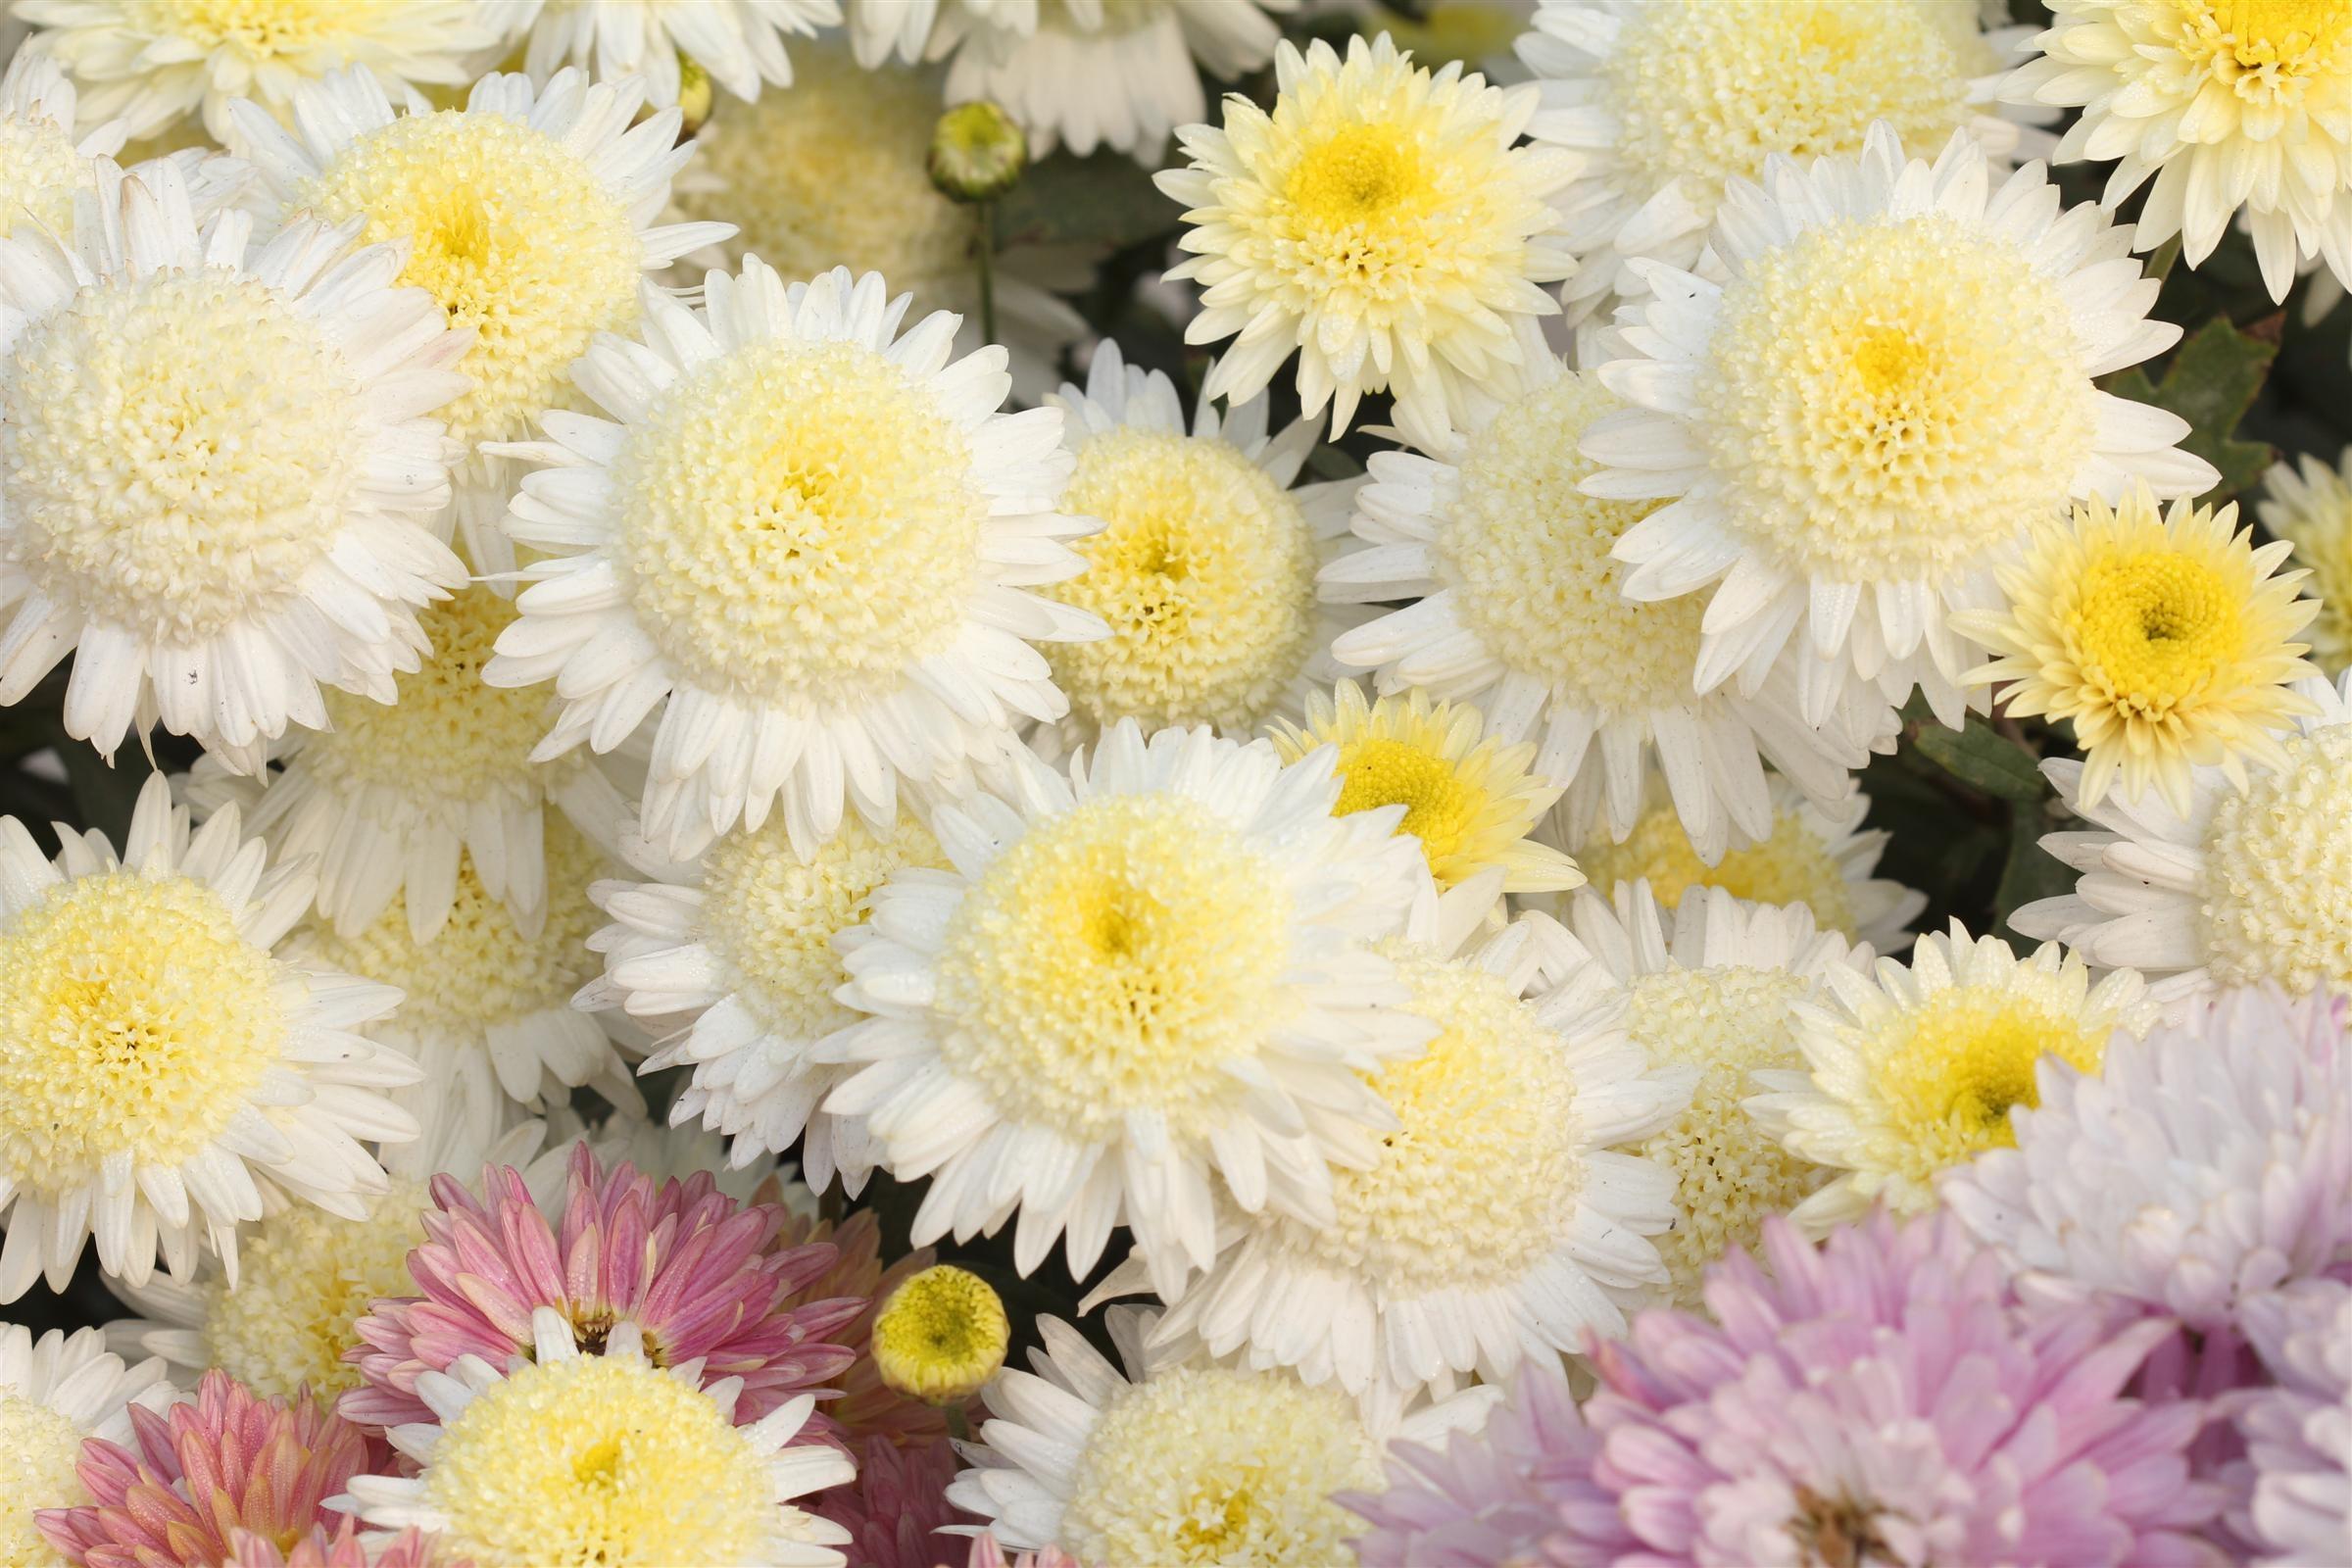 Показать цветы хризантемы в картинках просто